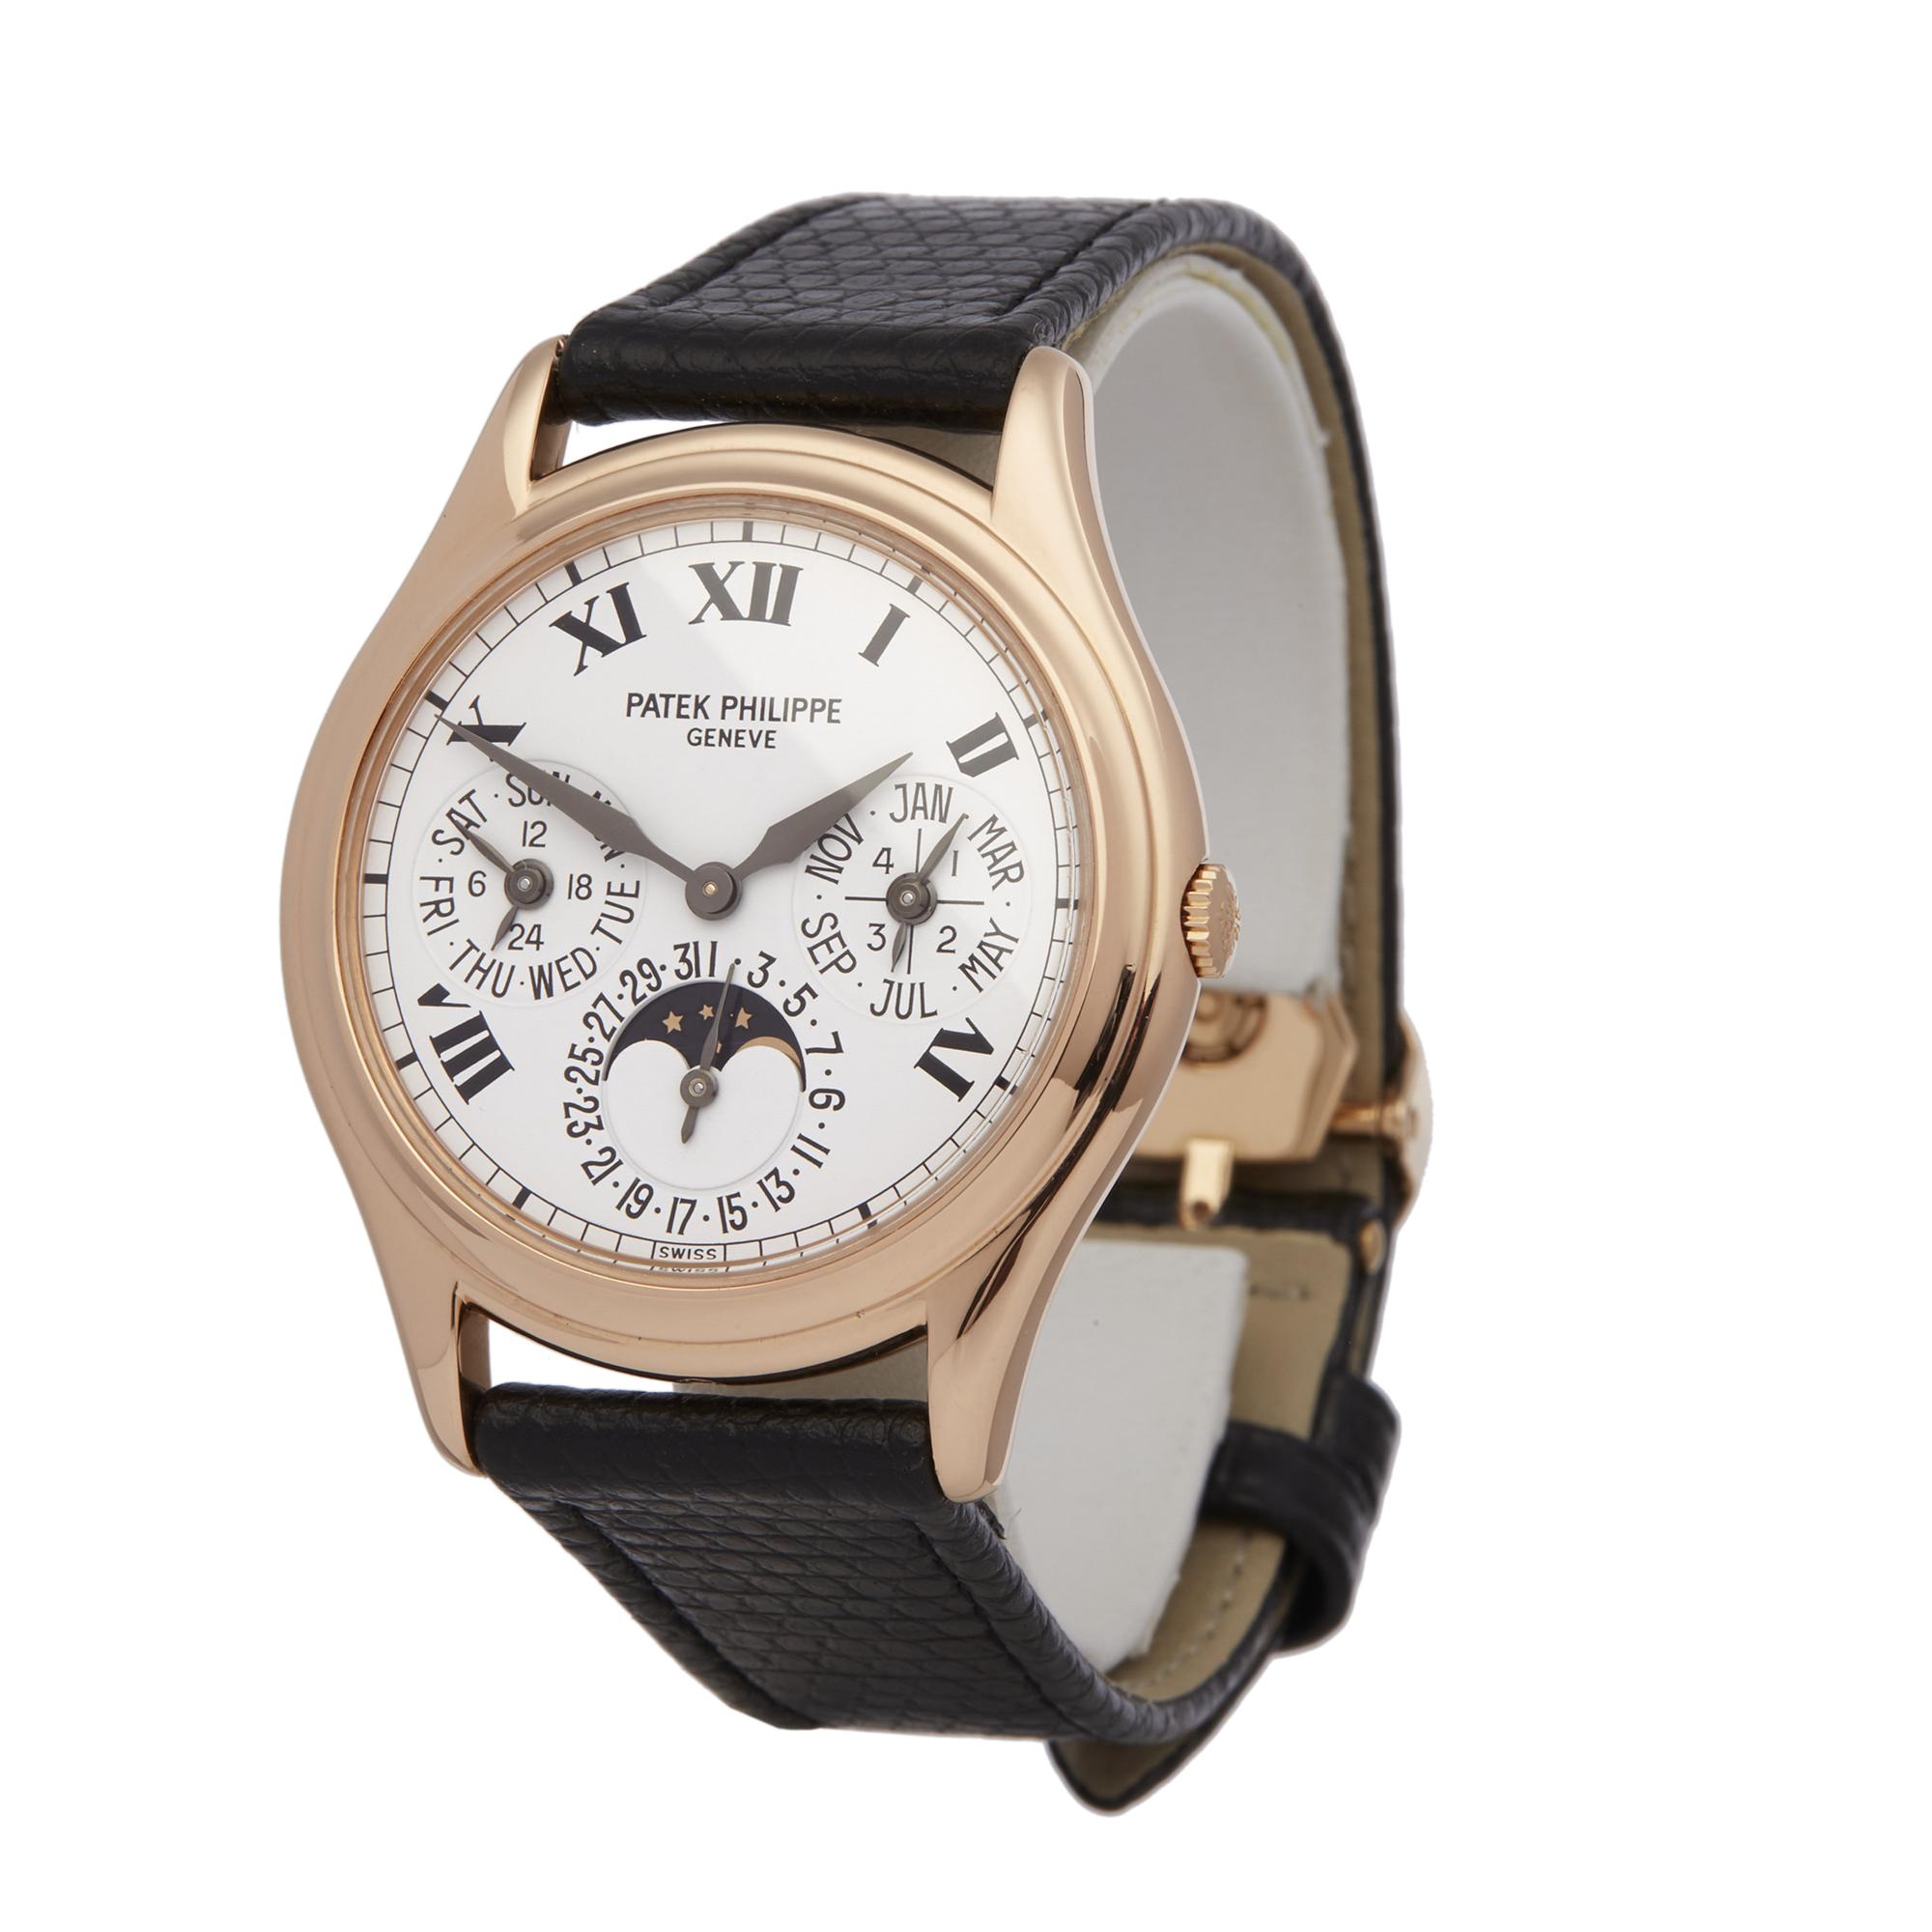 Lot 13 - Patek Philippe Perpetual Calendar Porcelain Dial 18k Rose Gold - 3940